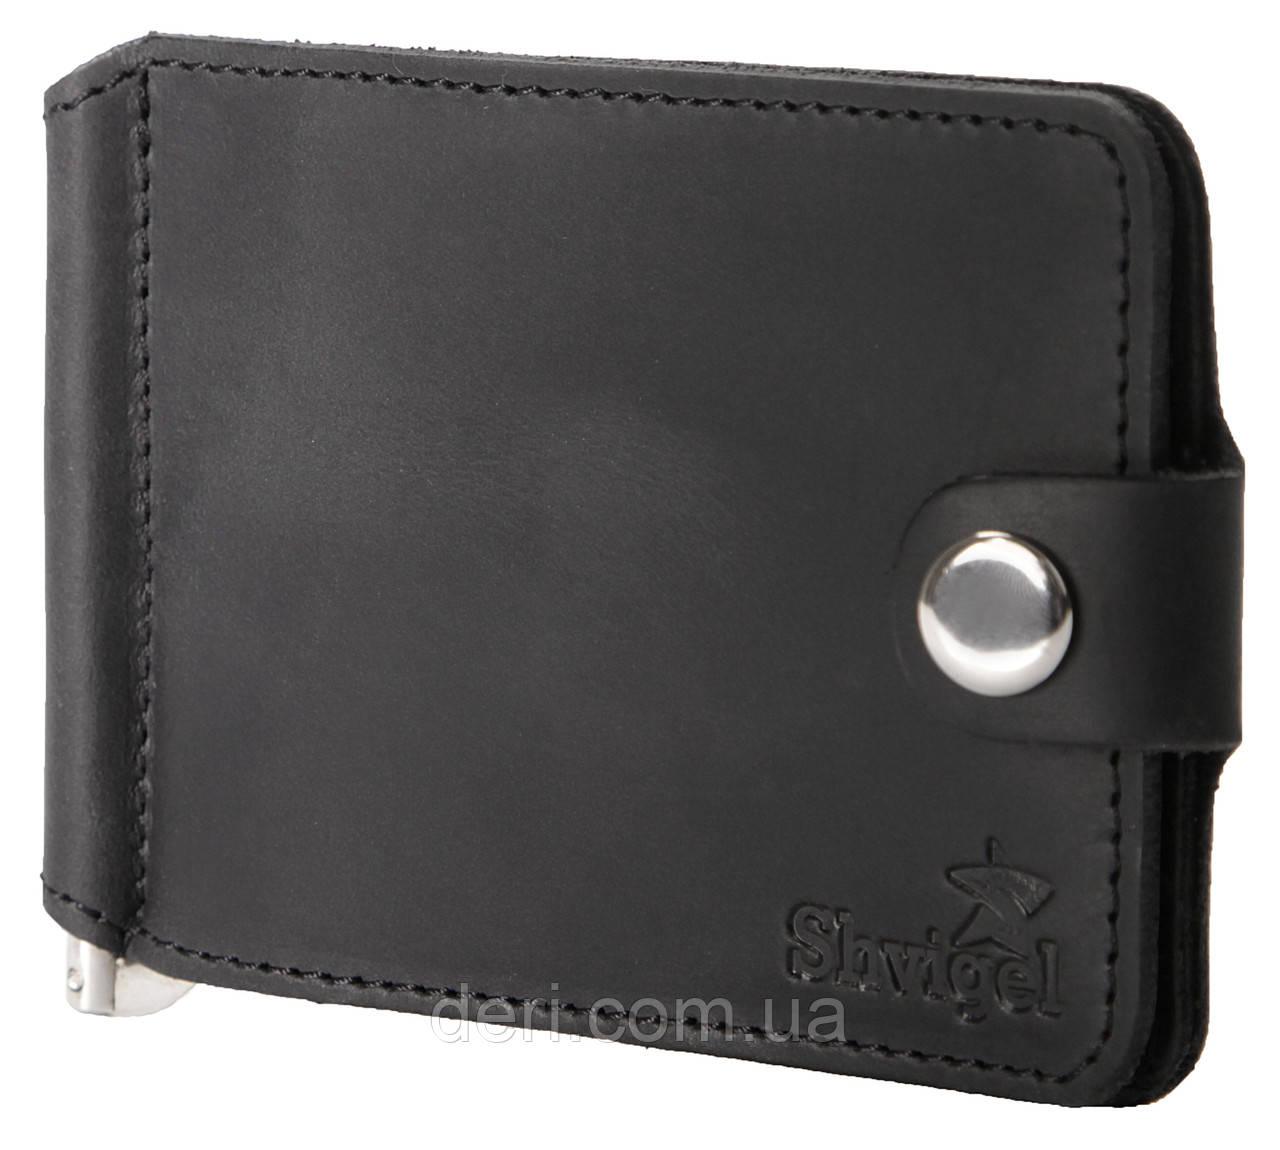 Затискач для купюр SHVIGEL 13787 з вінтажній шкіри Чорний, Чорний